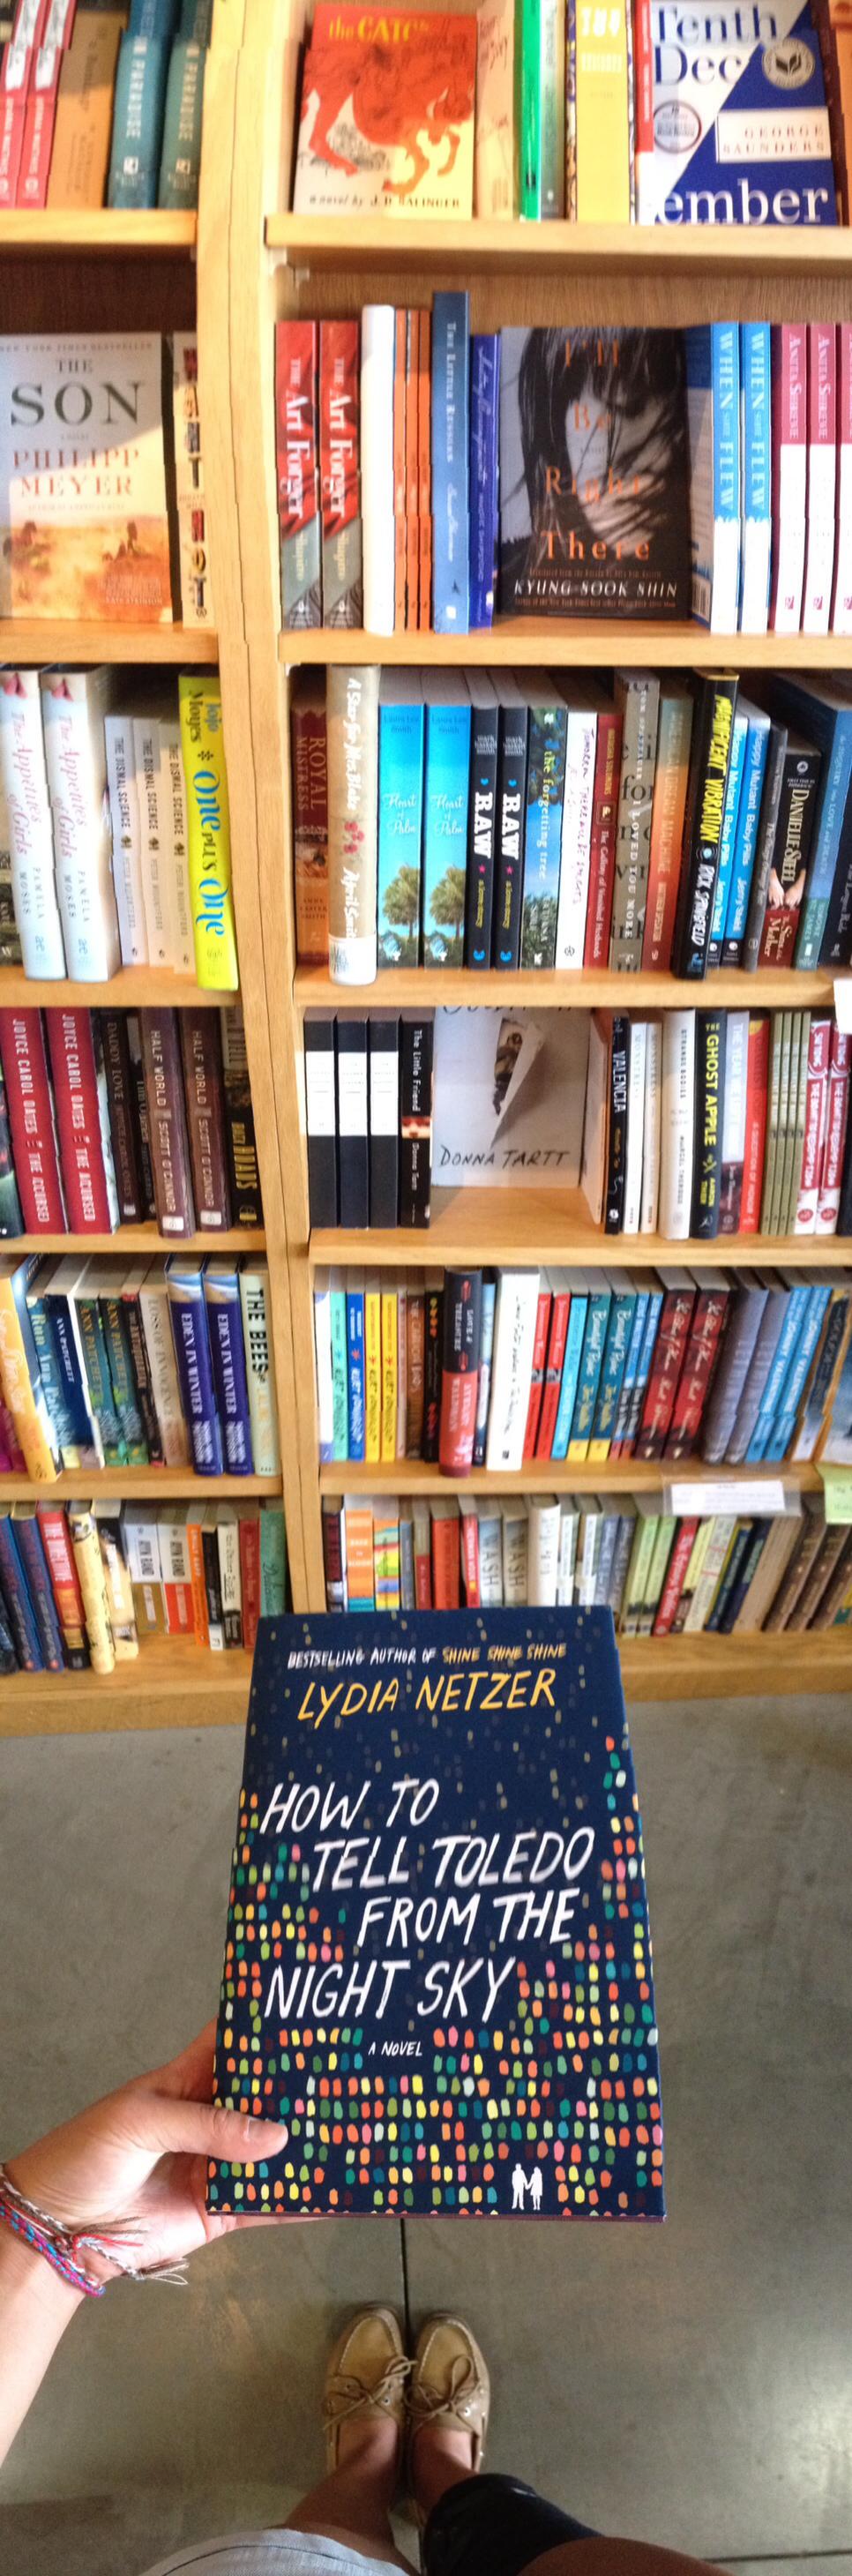 Visit a bookstore in SF